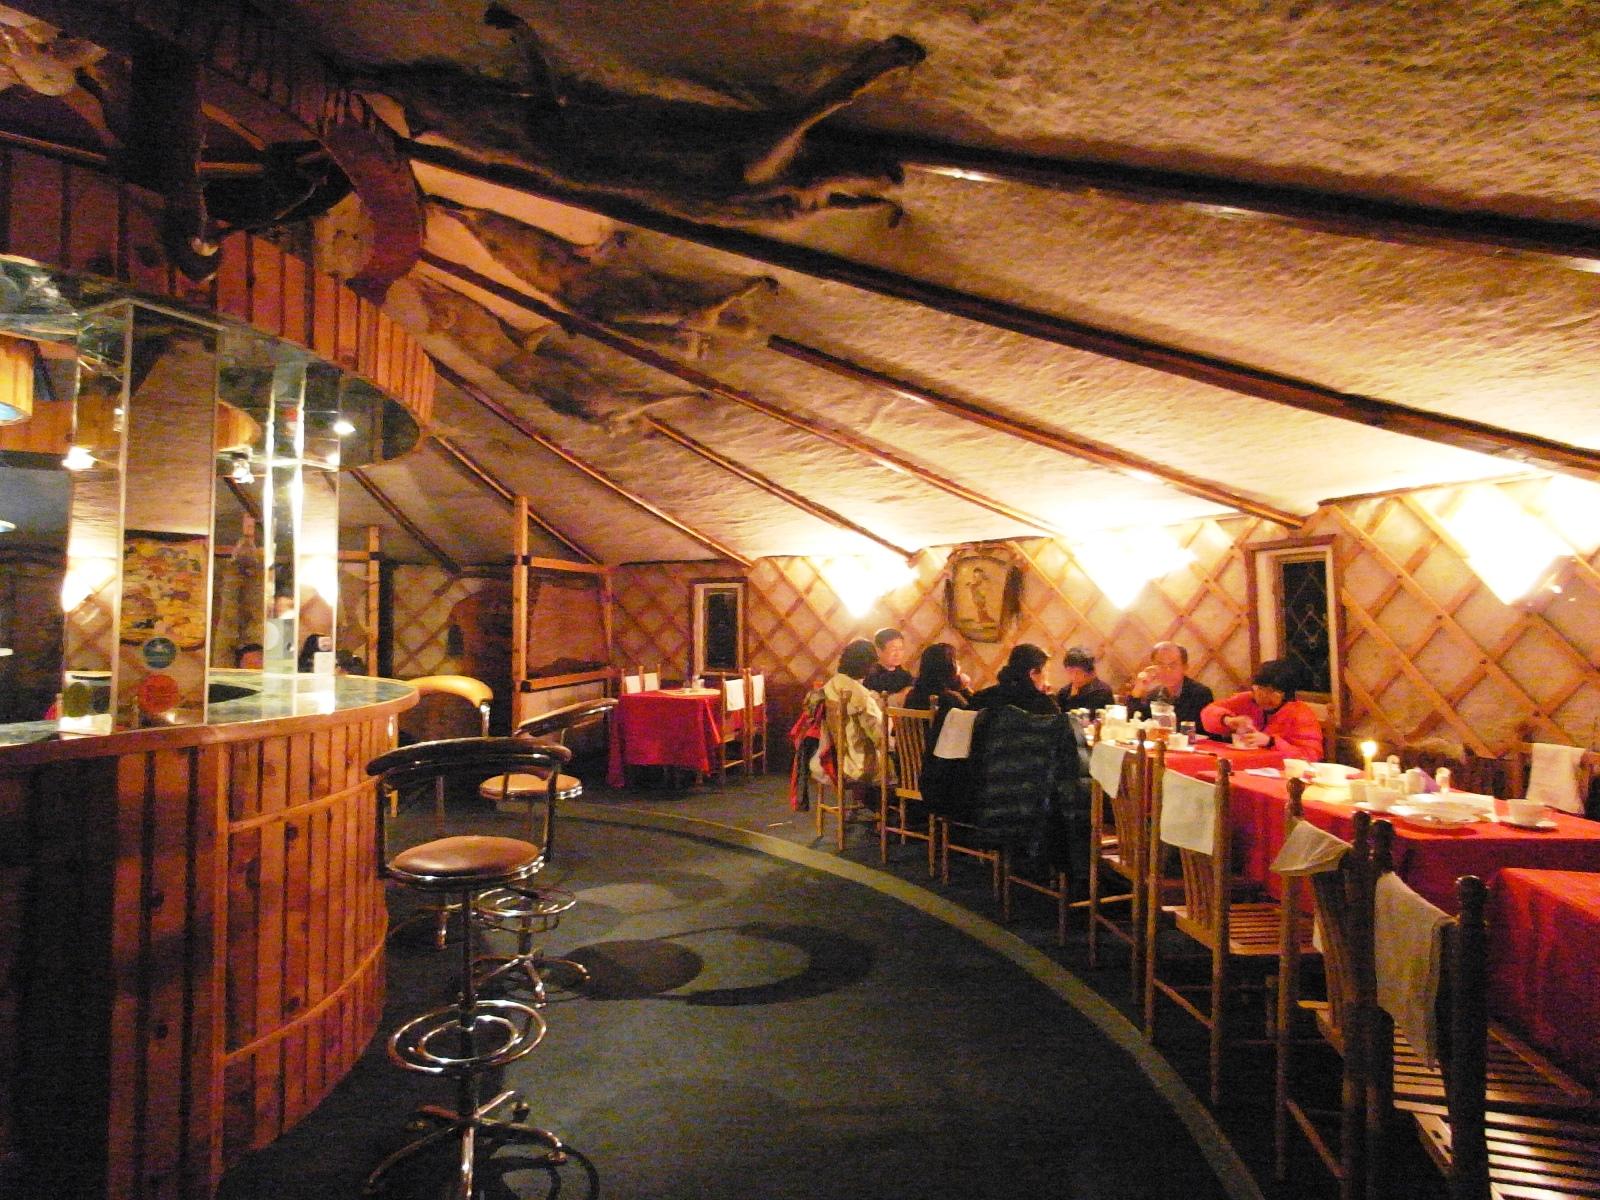 ゲル様式の快適なレストラン